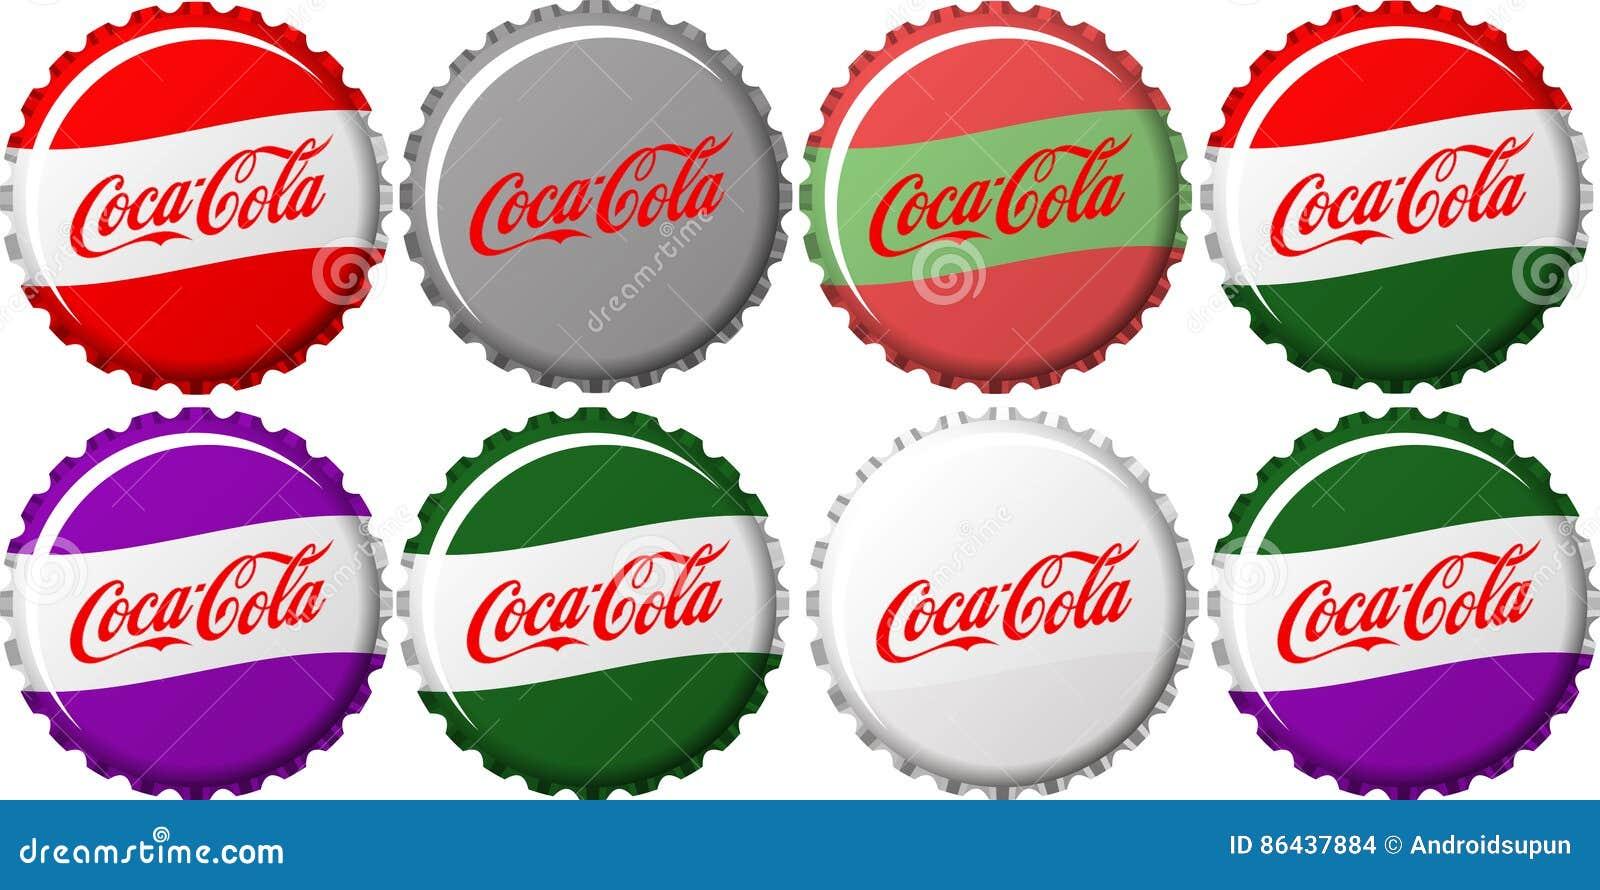 Coca Cola Caps